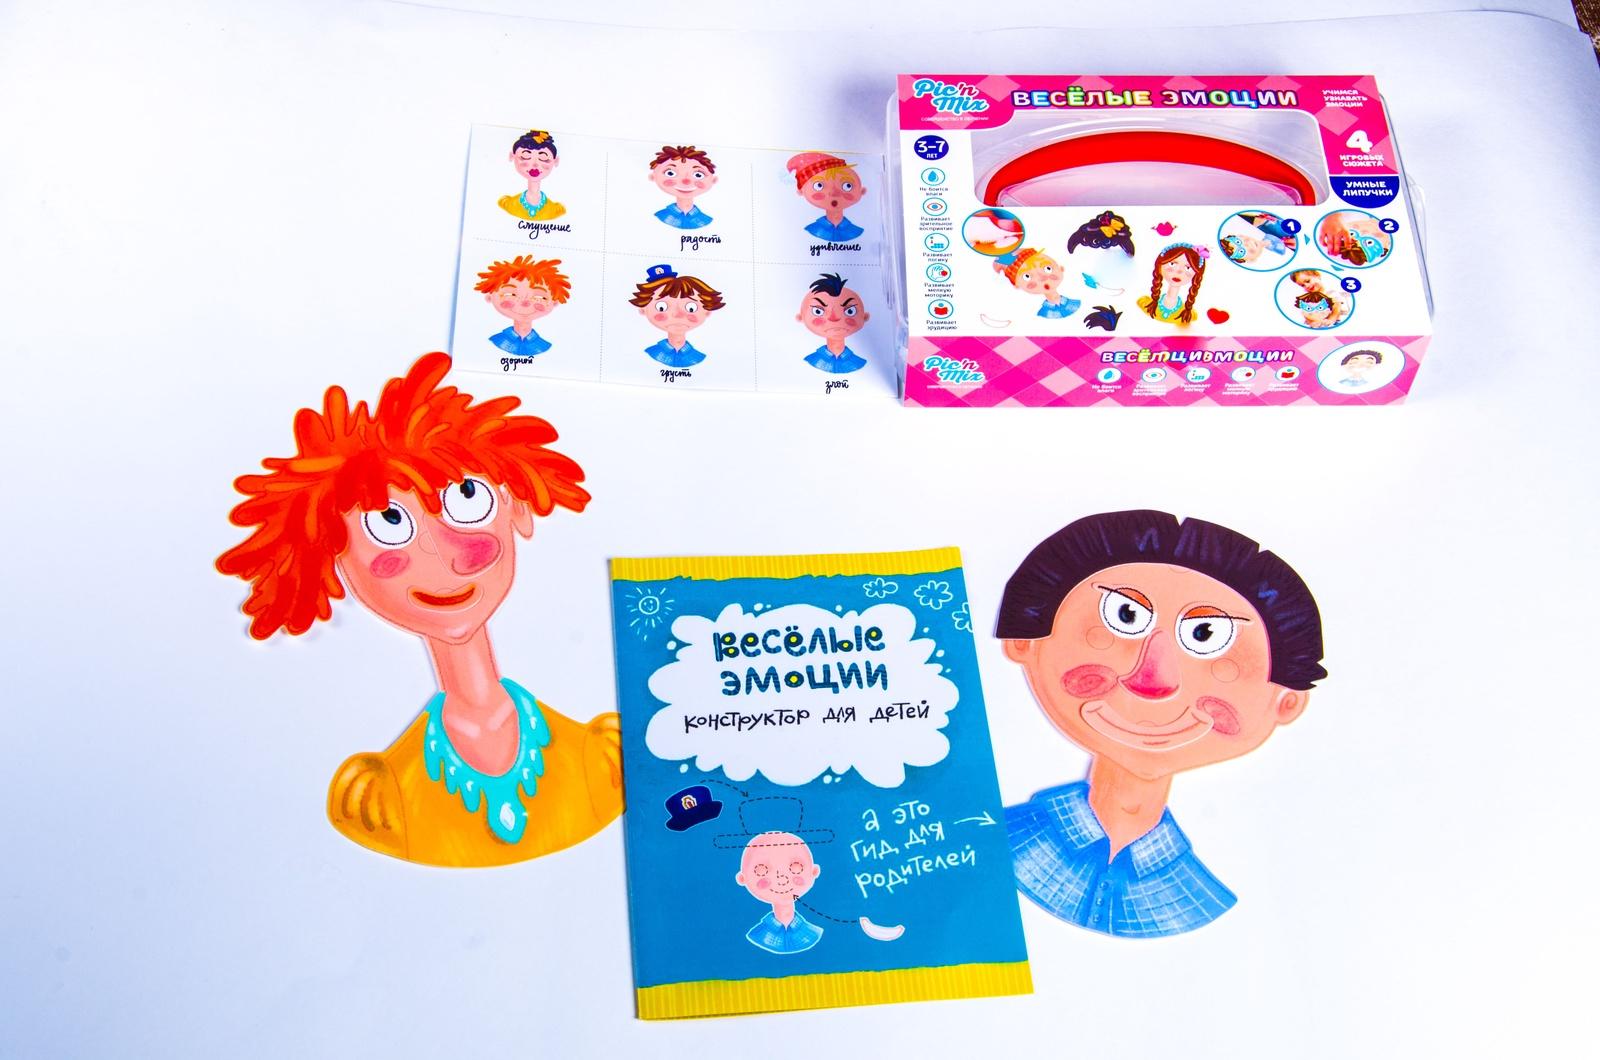 Развивающая игрушка Pic'nMix Веселые эмоции, 117003 фанты для игры и развития эмоционального интеллекта 45 карточек 4